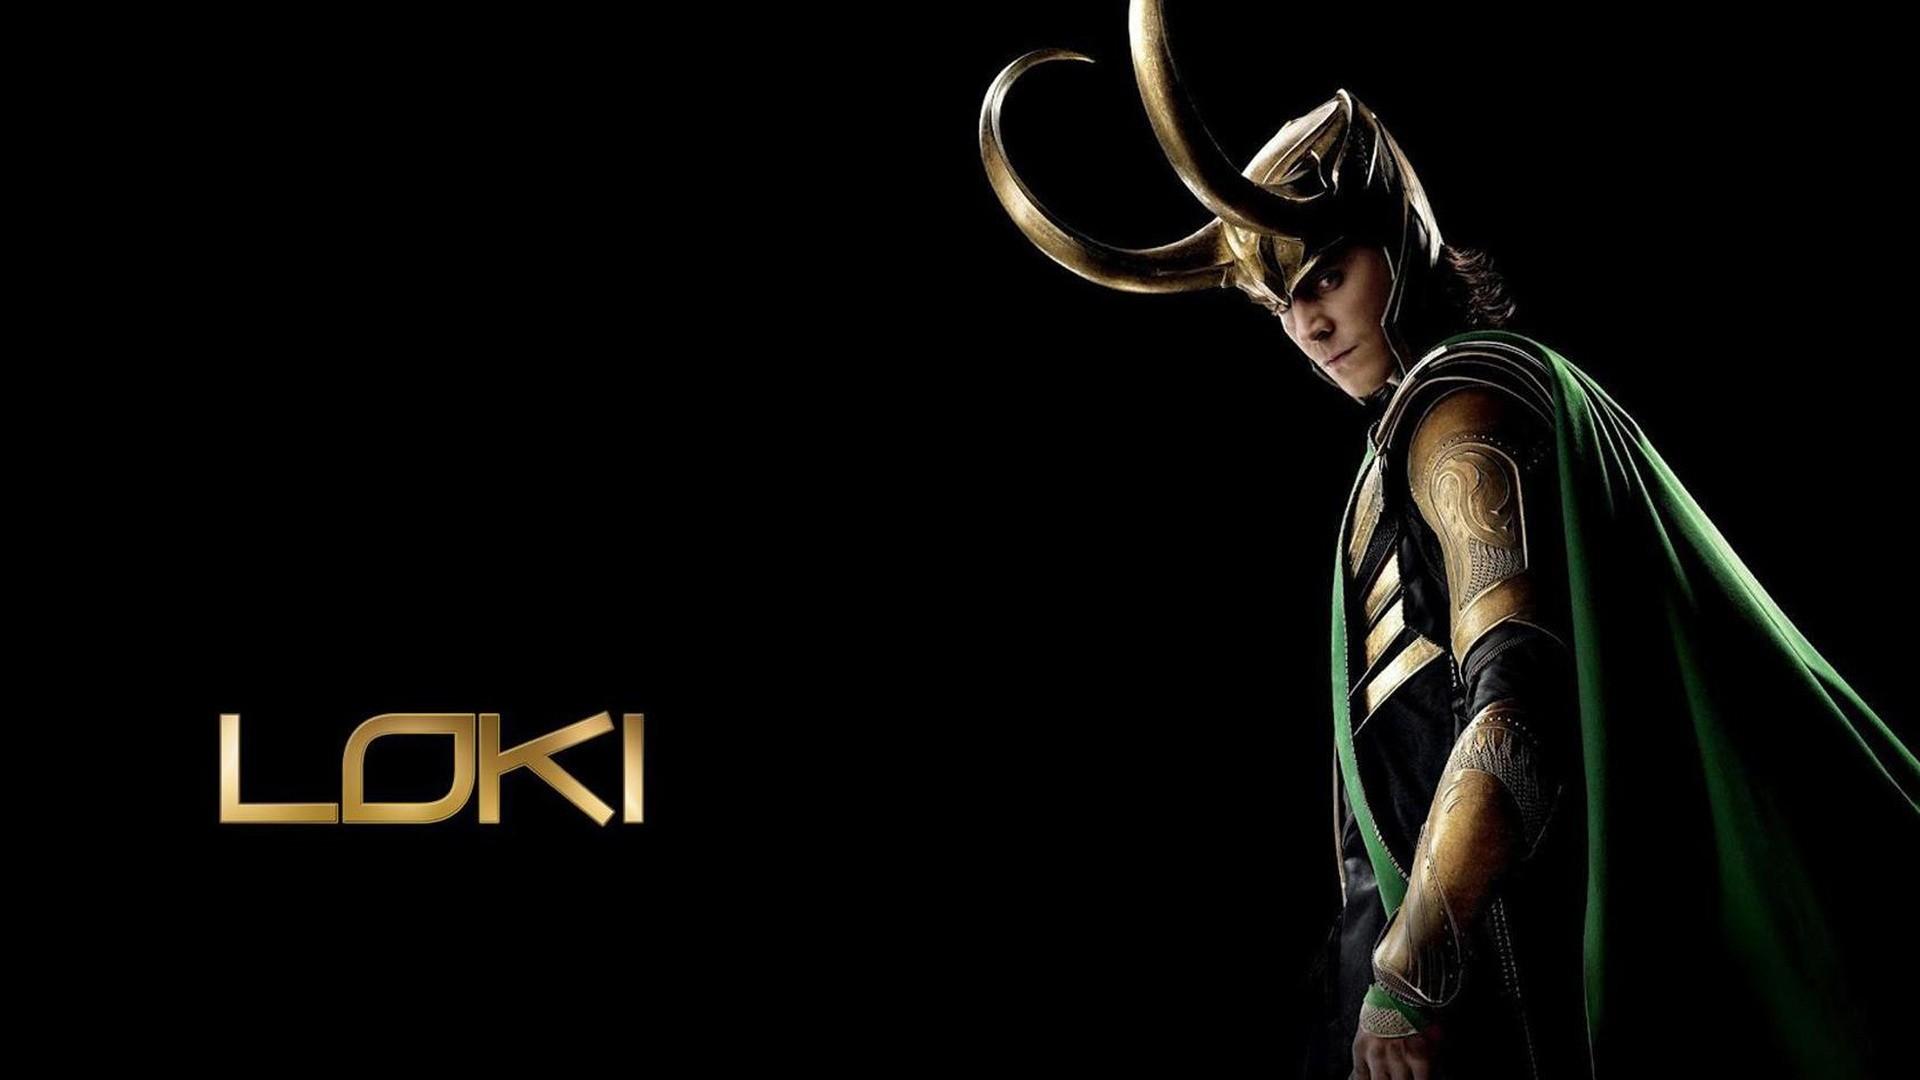 Loki Wallpaper theme